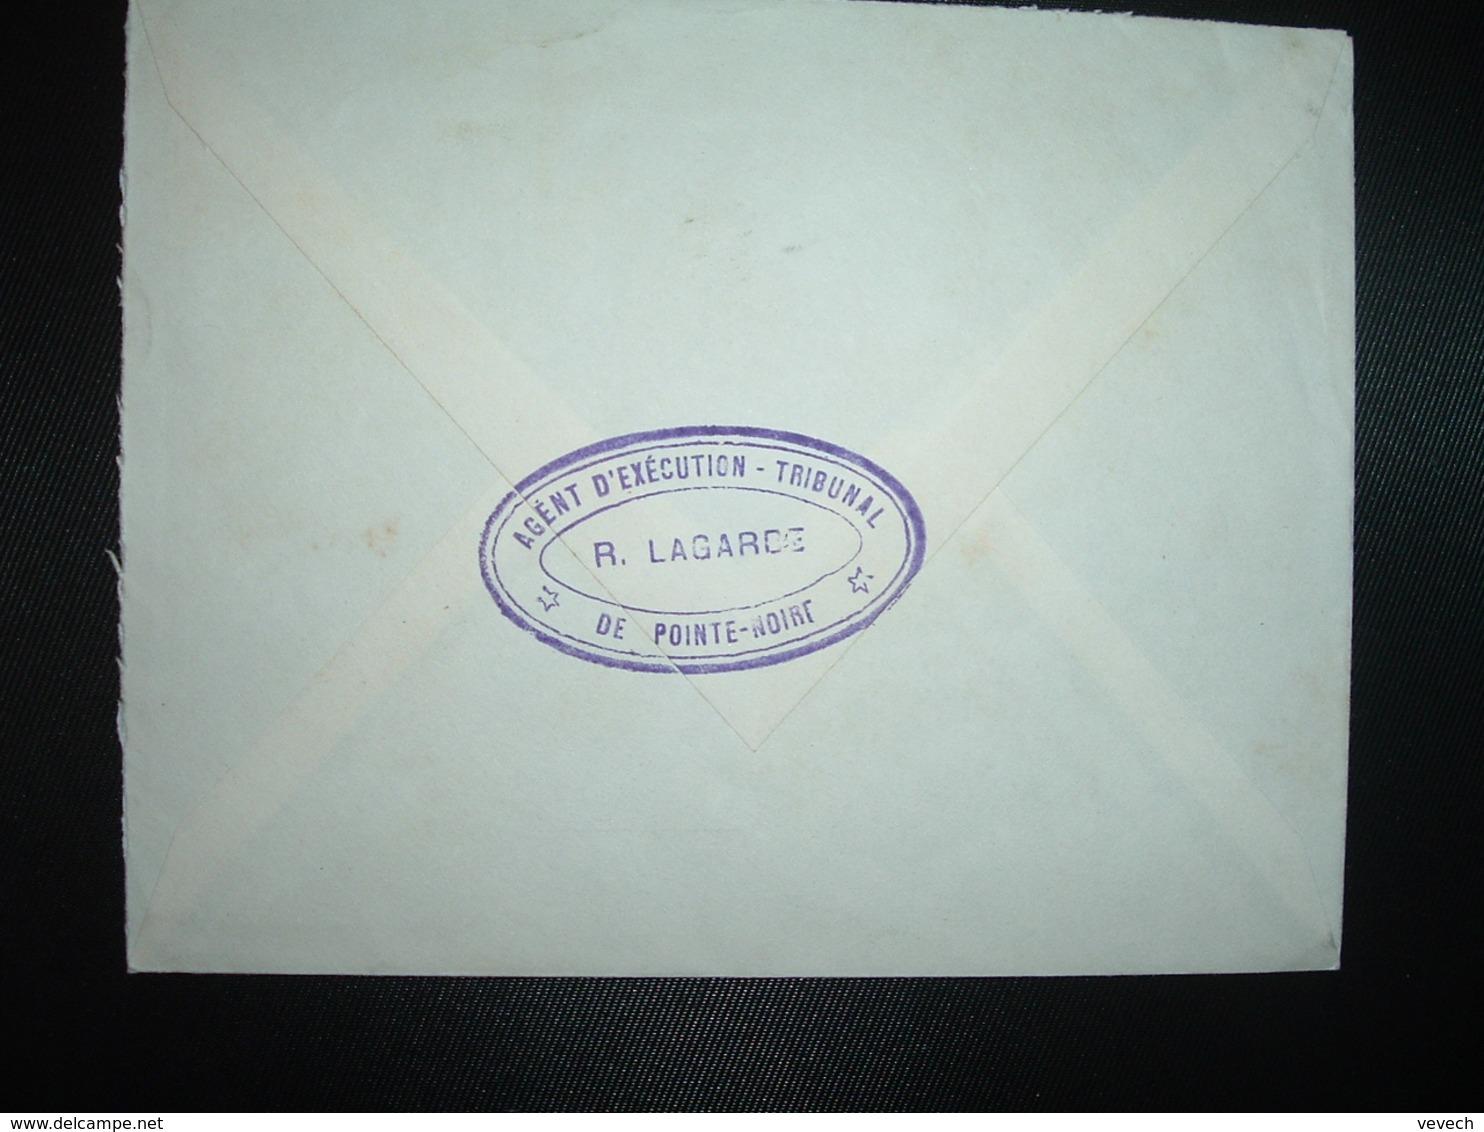 LETTRE  Pour La FRANCE TP 25F OBL.MEC.2-9 1961 PONTE NOIRE + R. LAGARCE AGENT D'EXECUTION DU TRIBUNAL - Oblitérés